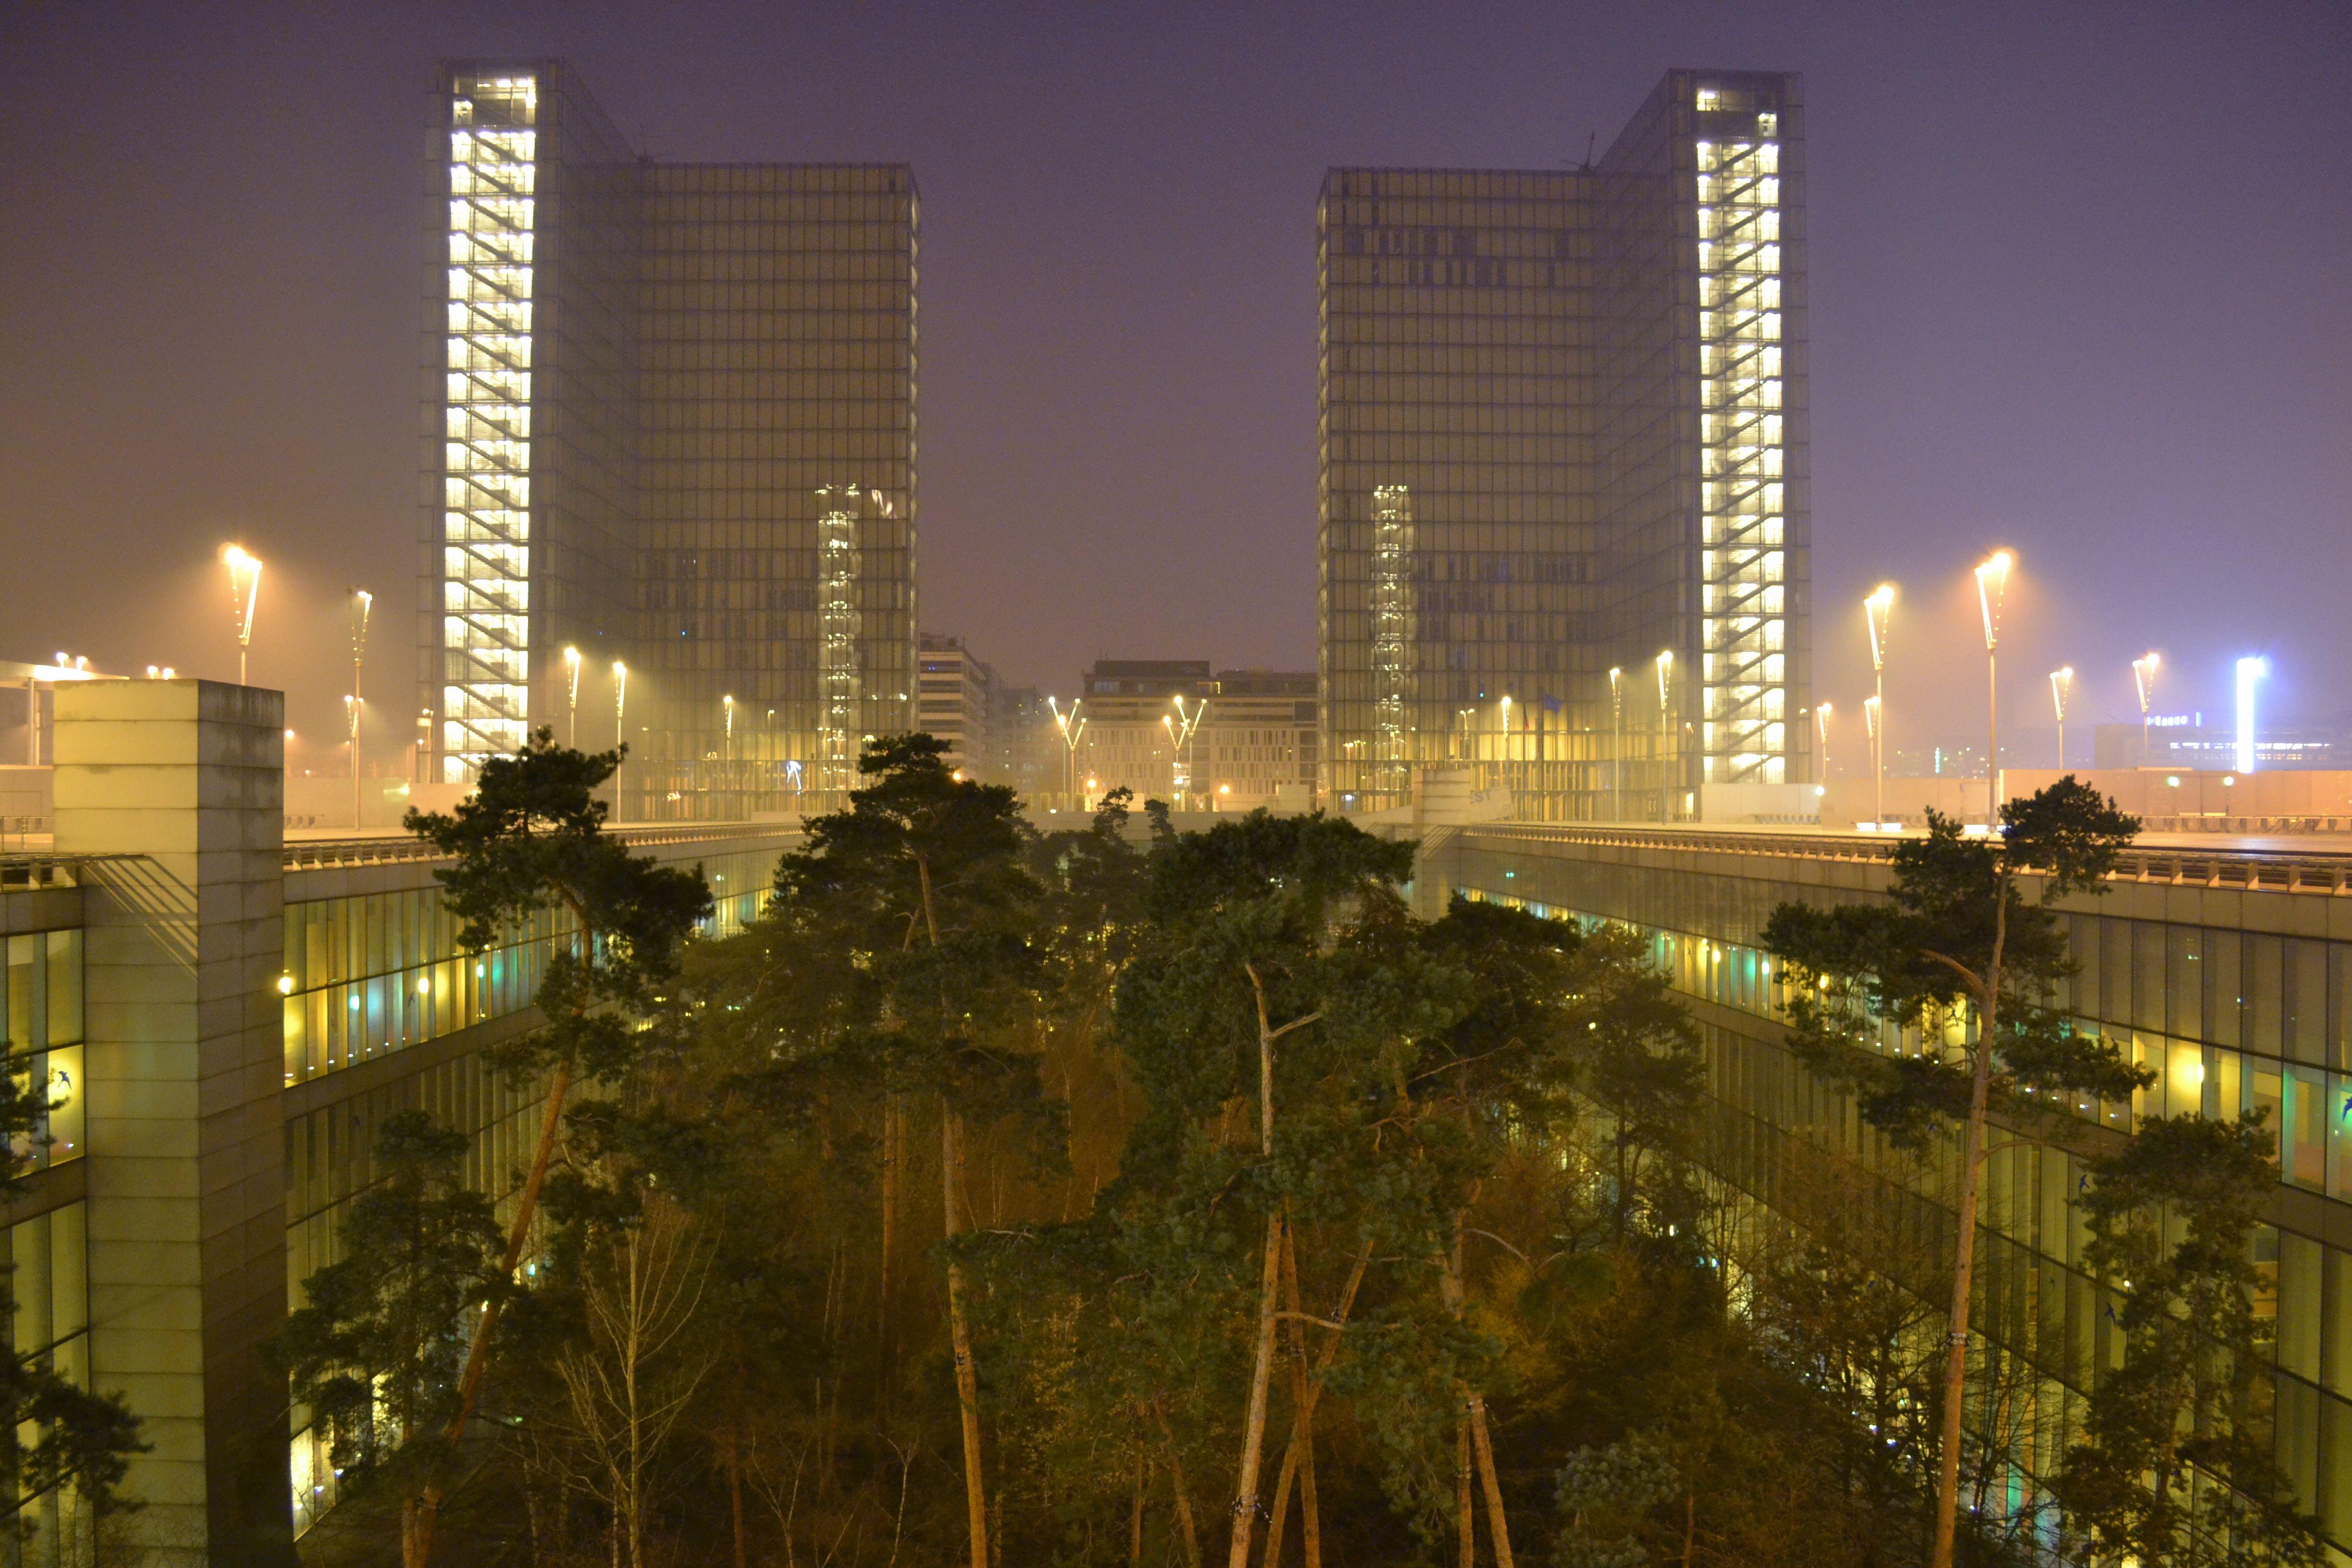 Bibliothèque François Mitterrand Paris France [building]